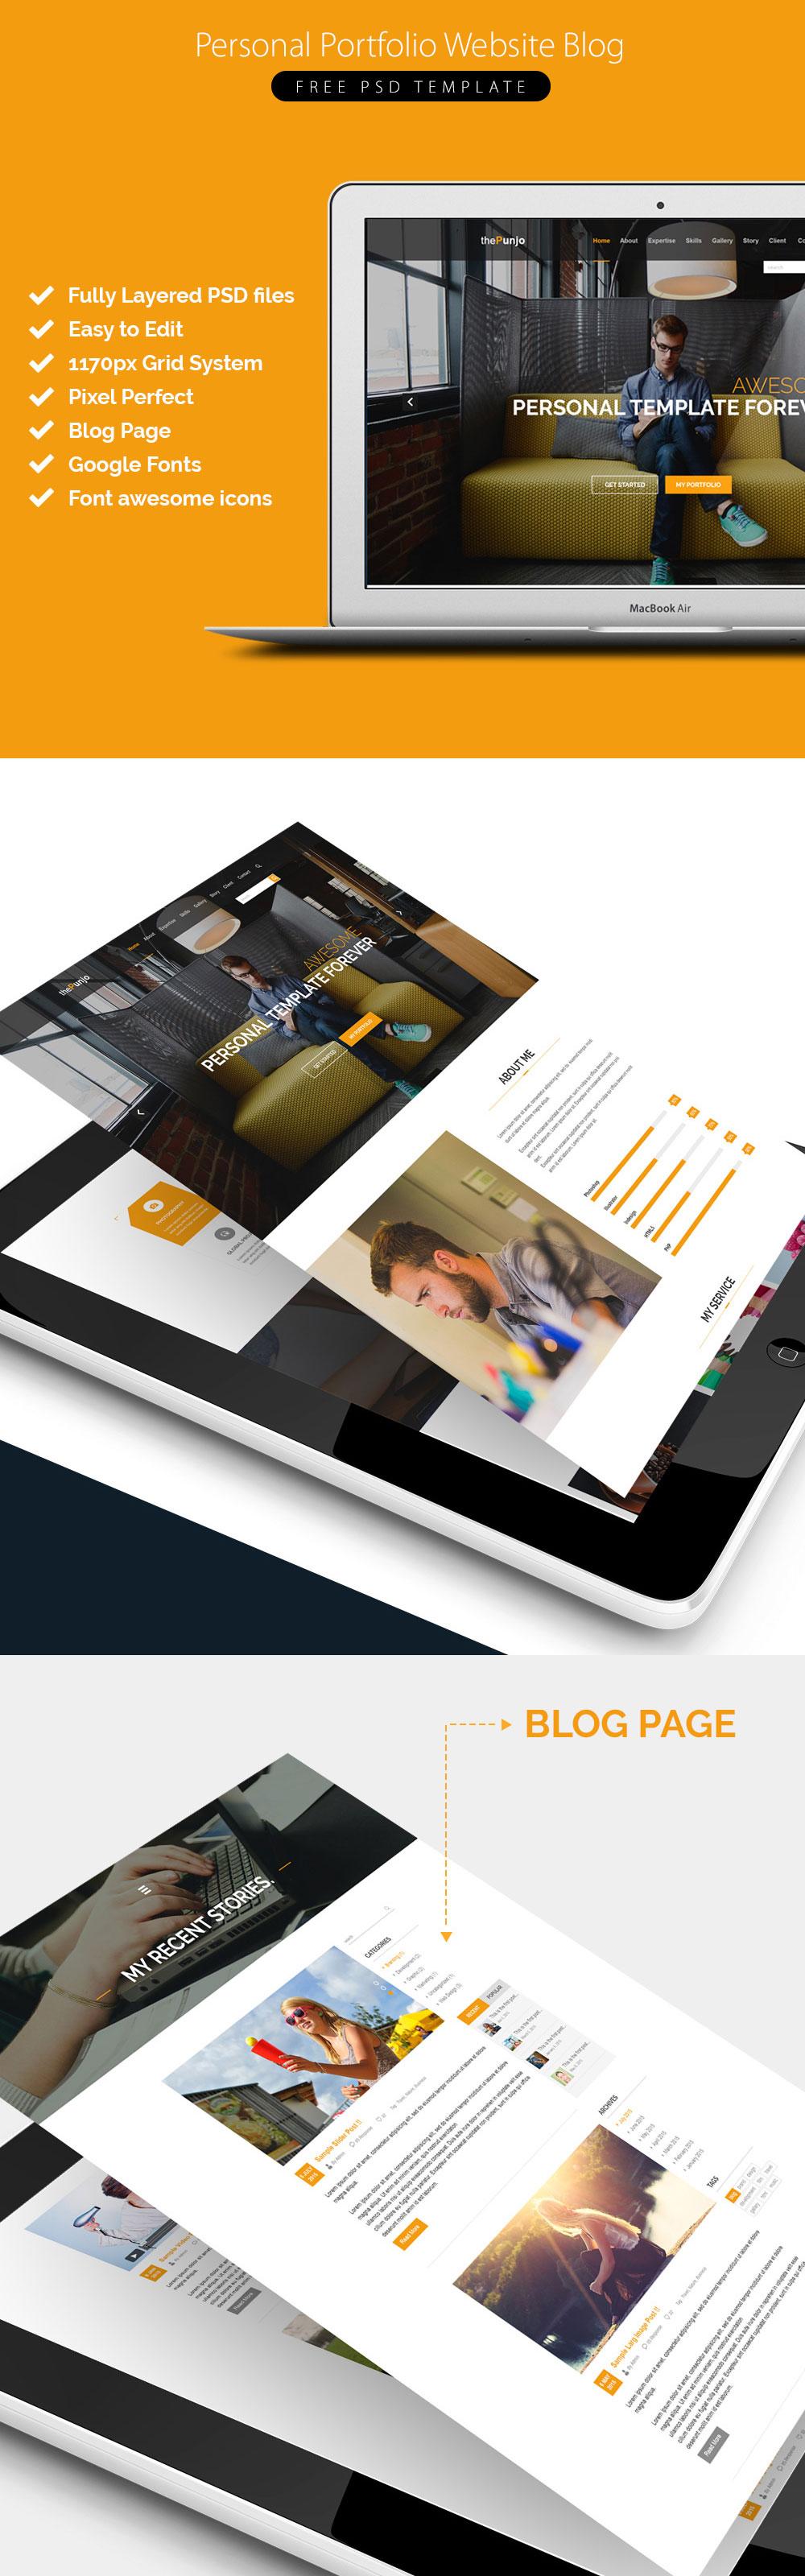 Personal Portfolio Website Blog Free PSD Template